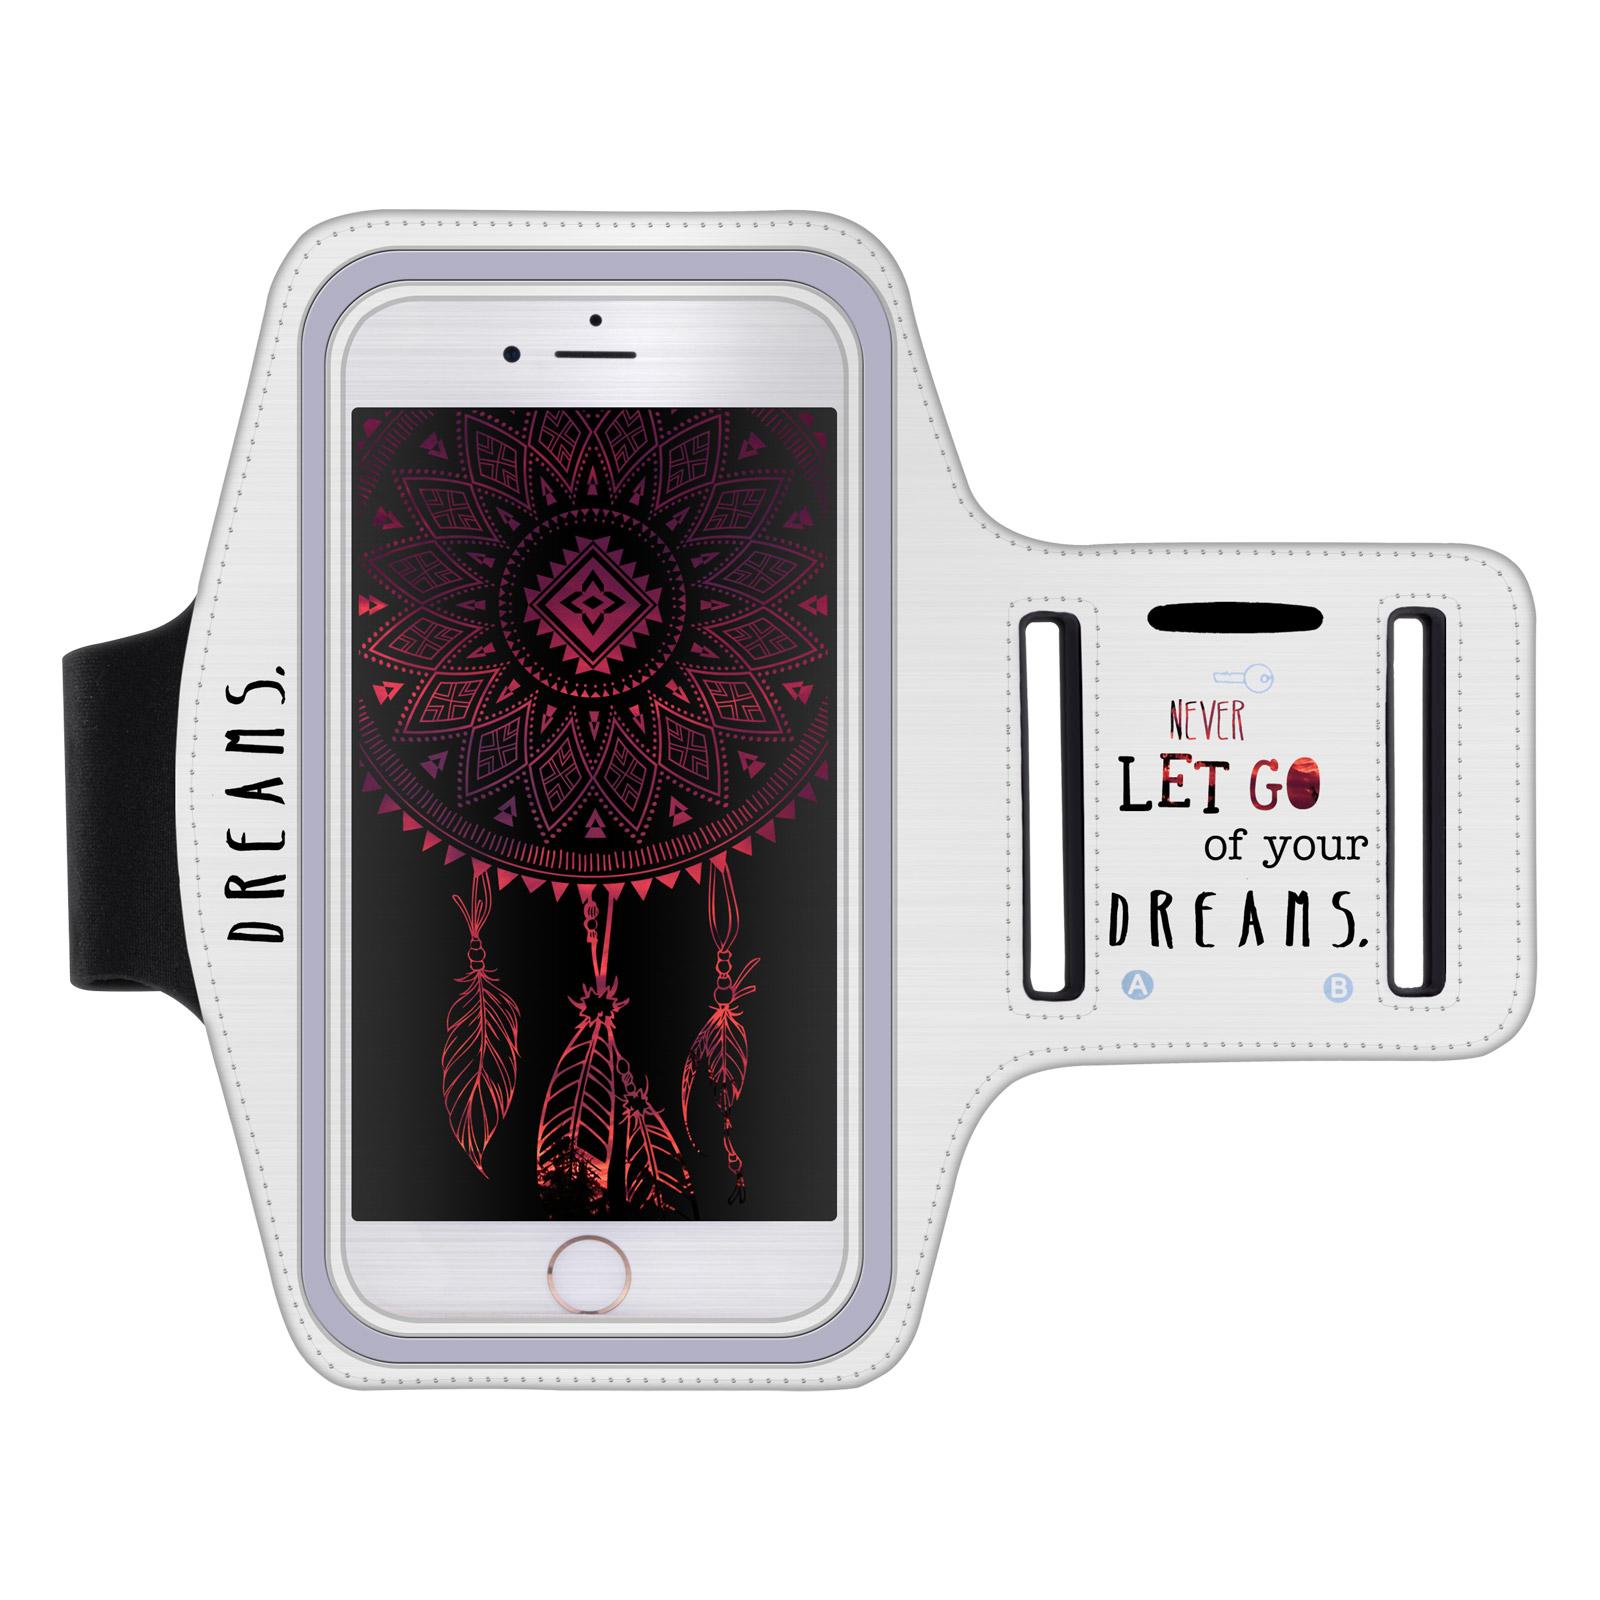 """Sportovní pouzdro NEVER DREAMS pro mobily do 5,1"""" iPhone 8 / S9 bílé (Pouzdro na běhání pro mobilní telefony do 5,1 palců)"""